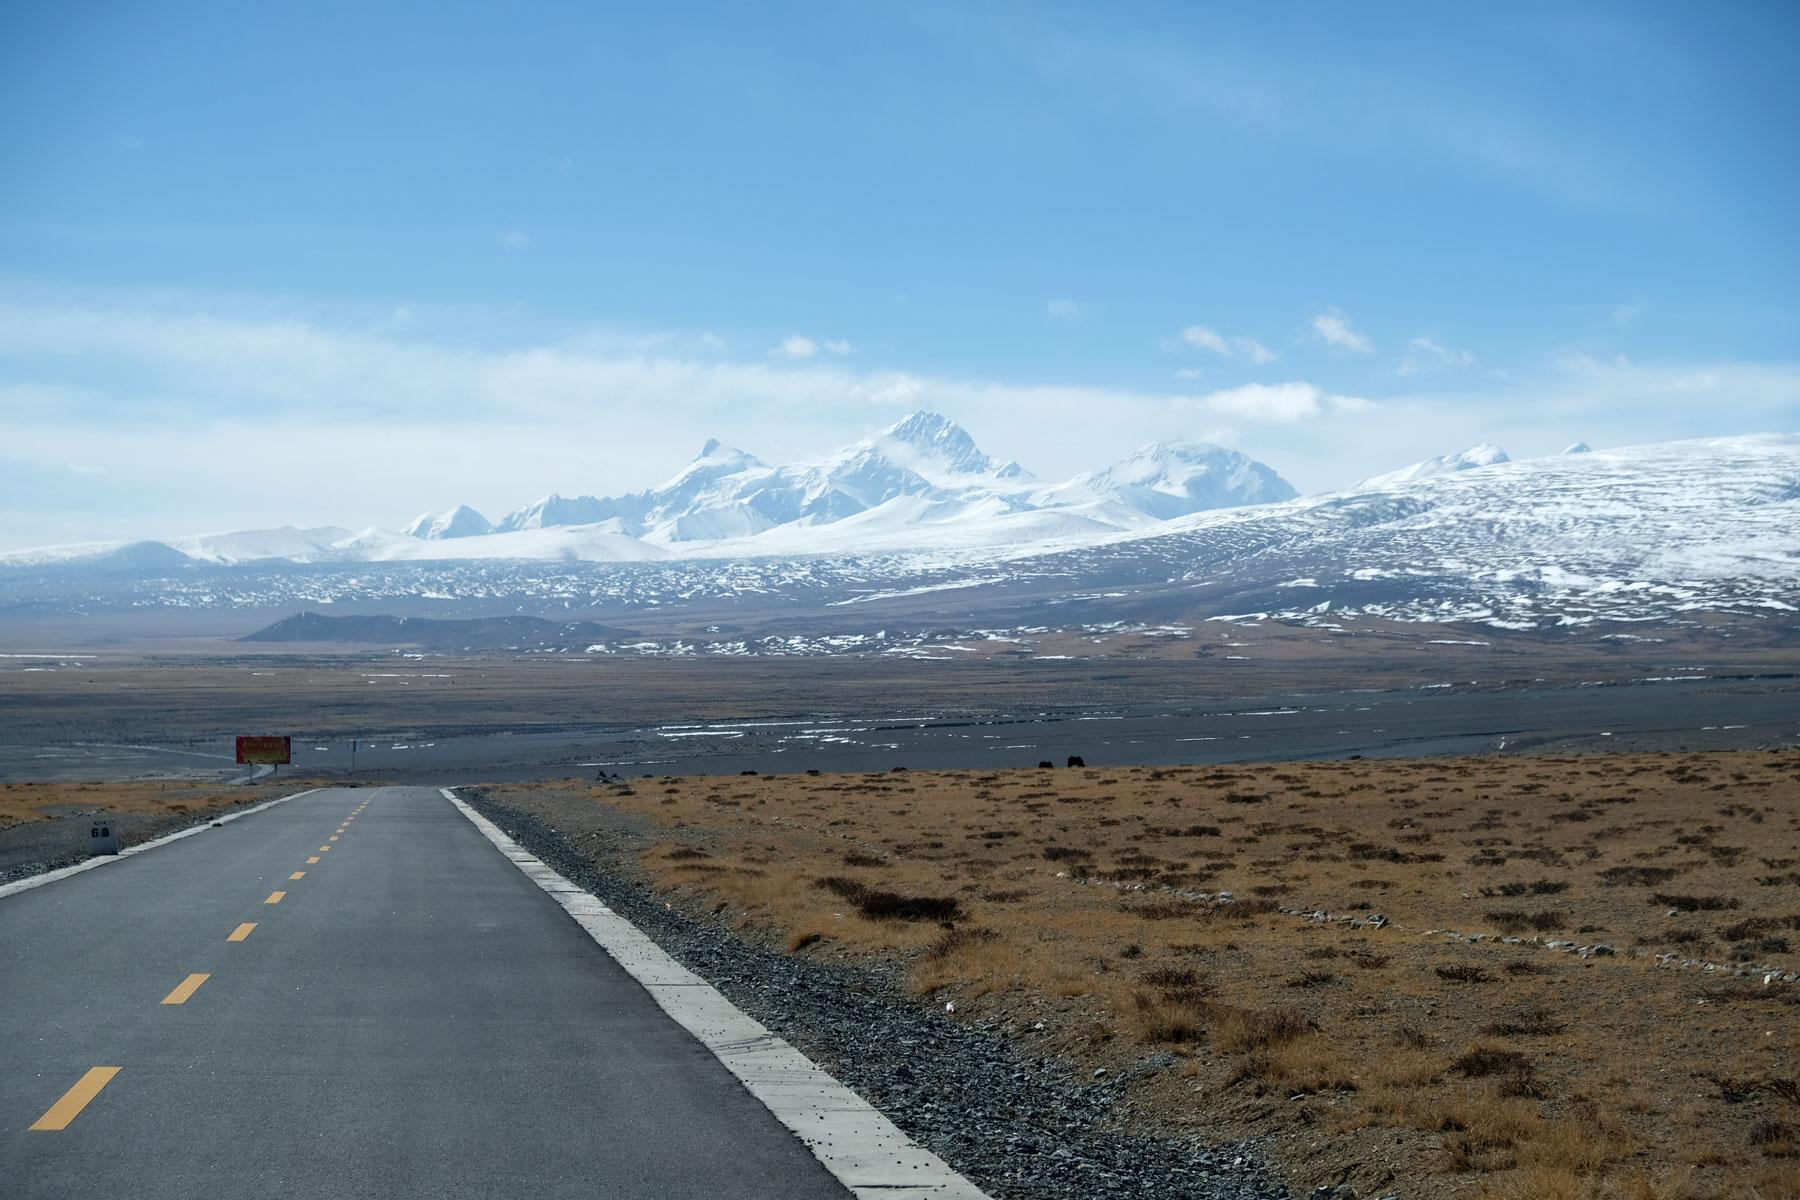 Der perfekt asphaltierte Friendship Highway zieht sich von Kathmandu in Nepal nach Lhasa in Tibet.